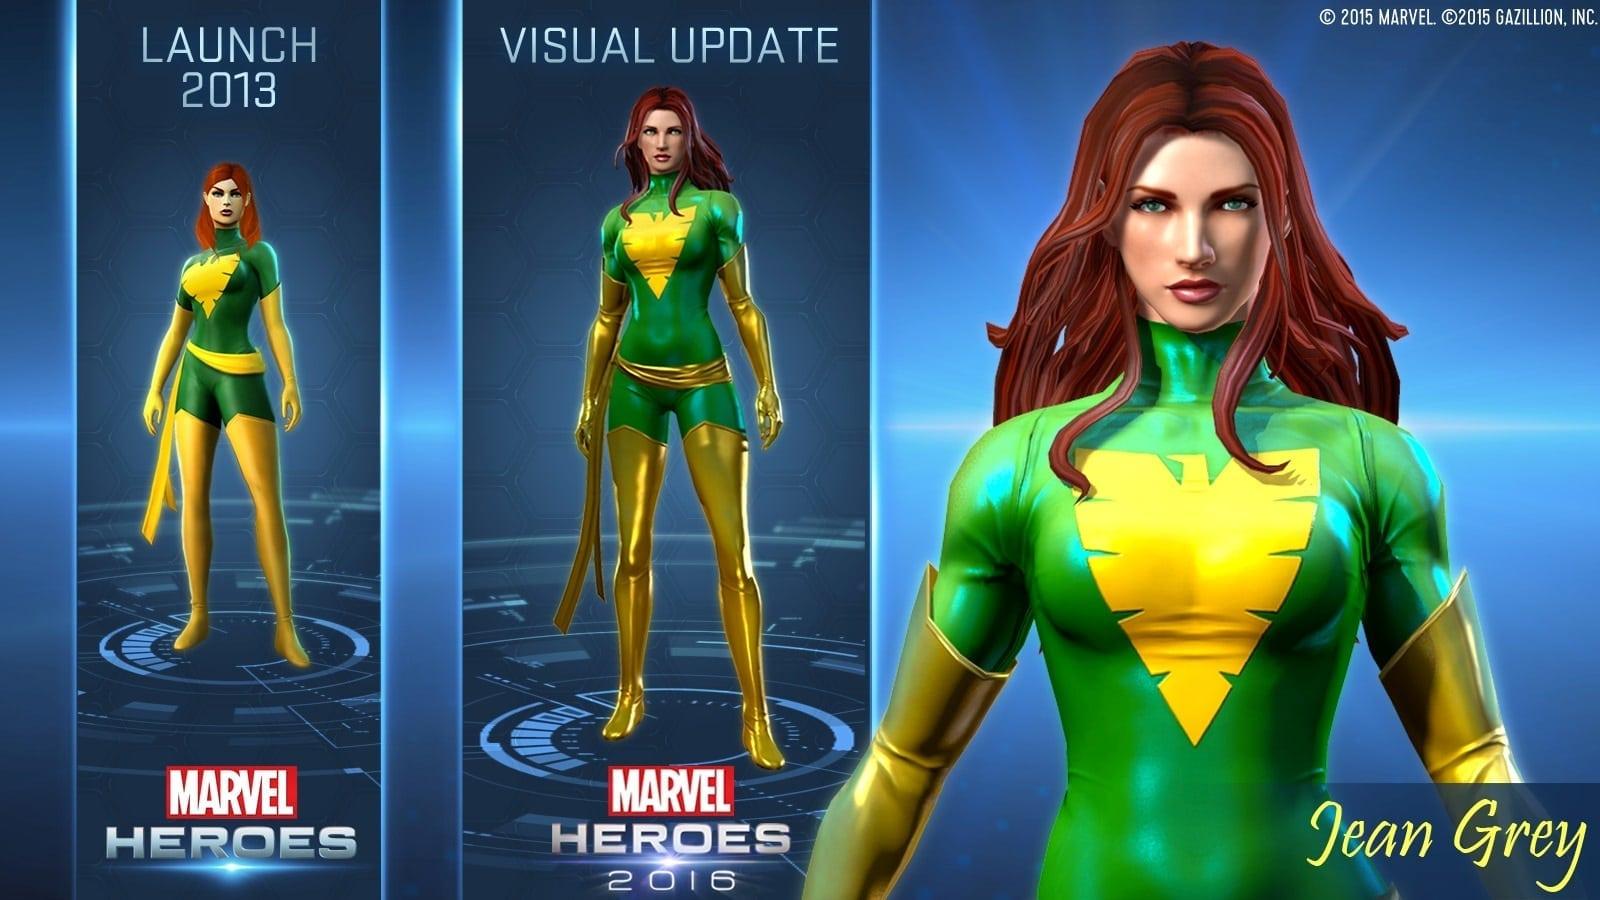 heroes update: